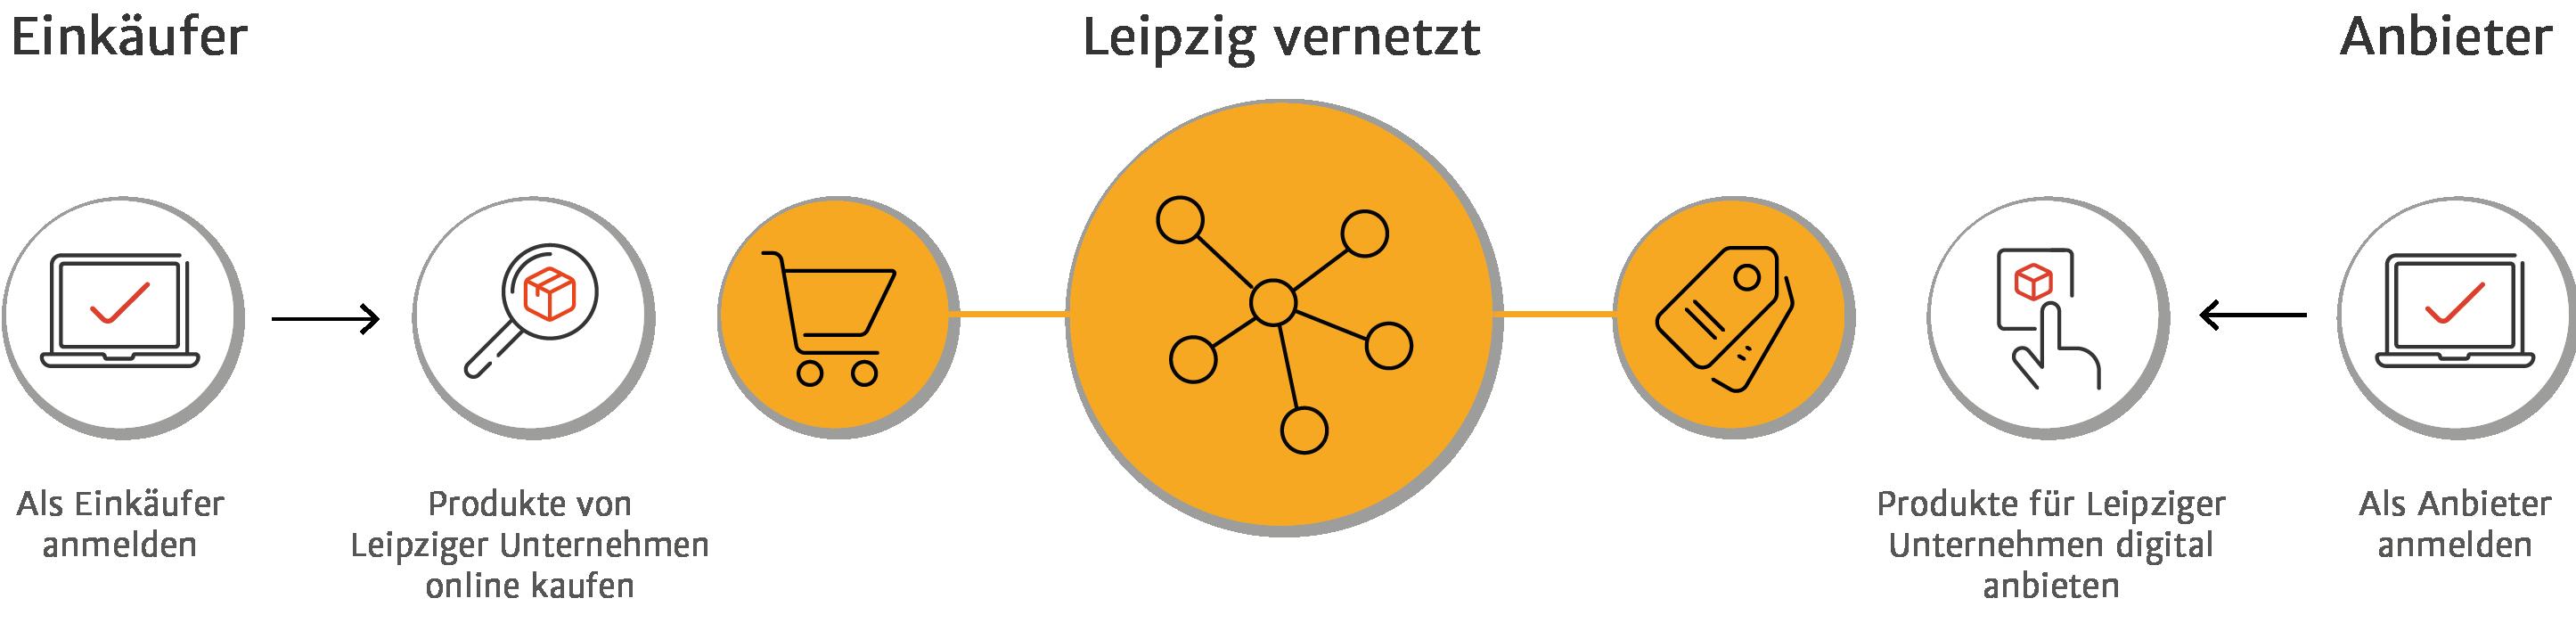 Vernetzung bei Leipzig vernetzt